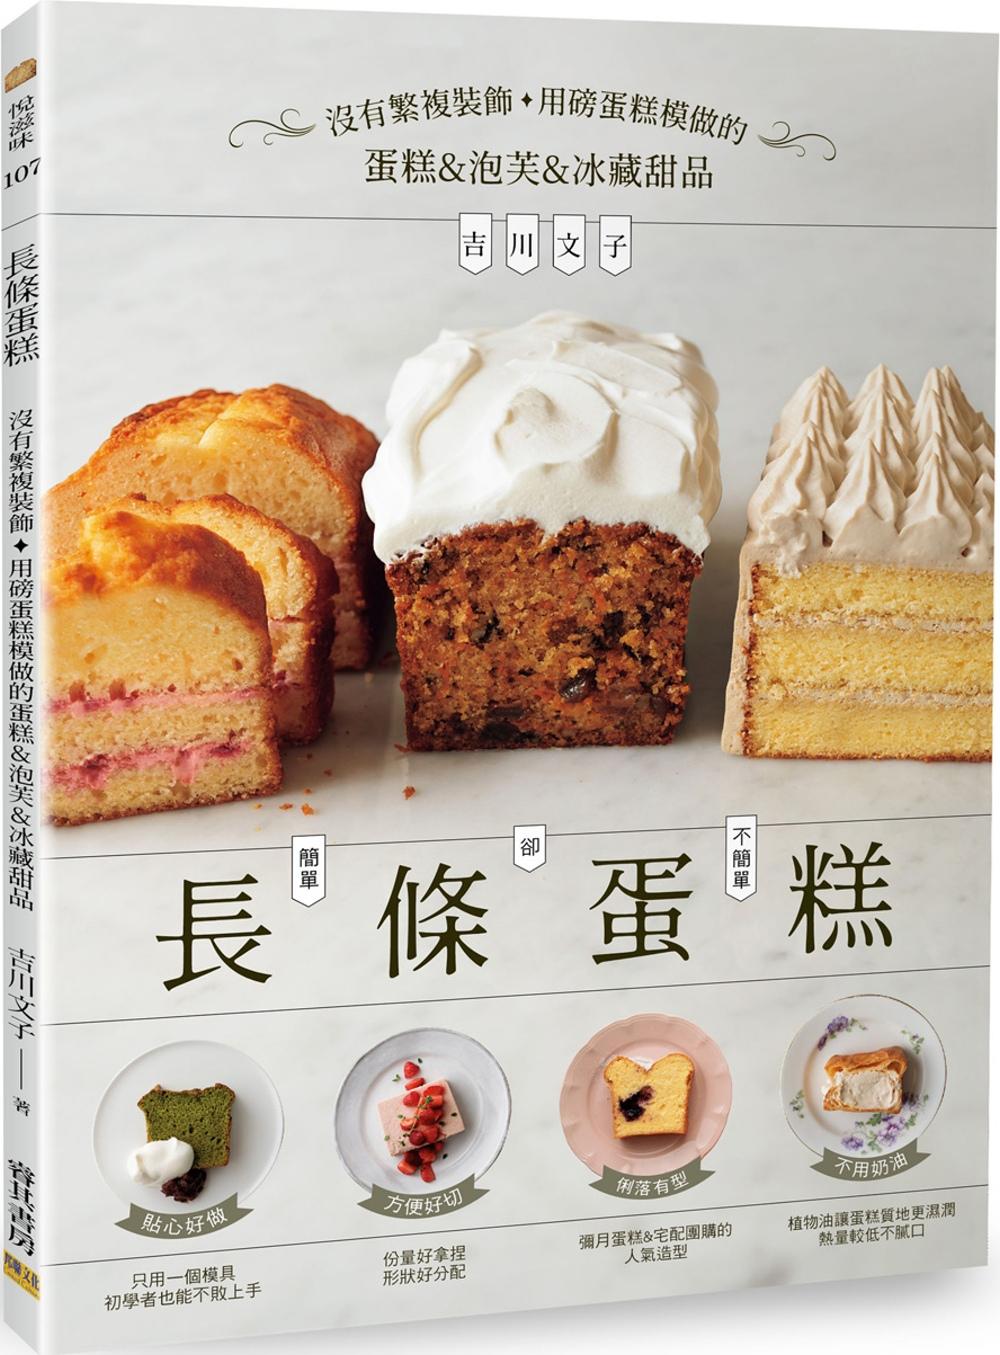 長條蛋糕:沒有繁複裝飾,用磅蛋糕模做的蛋糕&泡芙&冰藏甜品